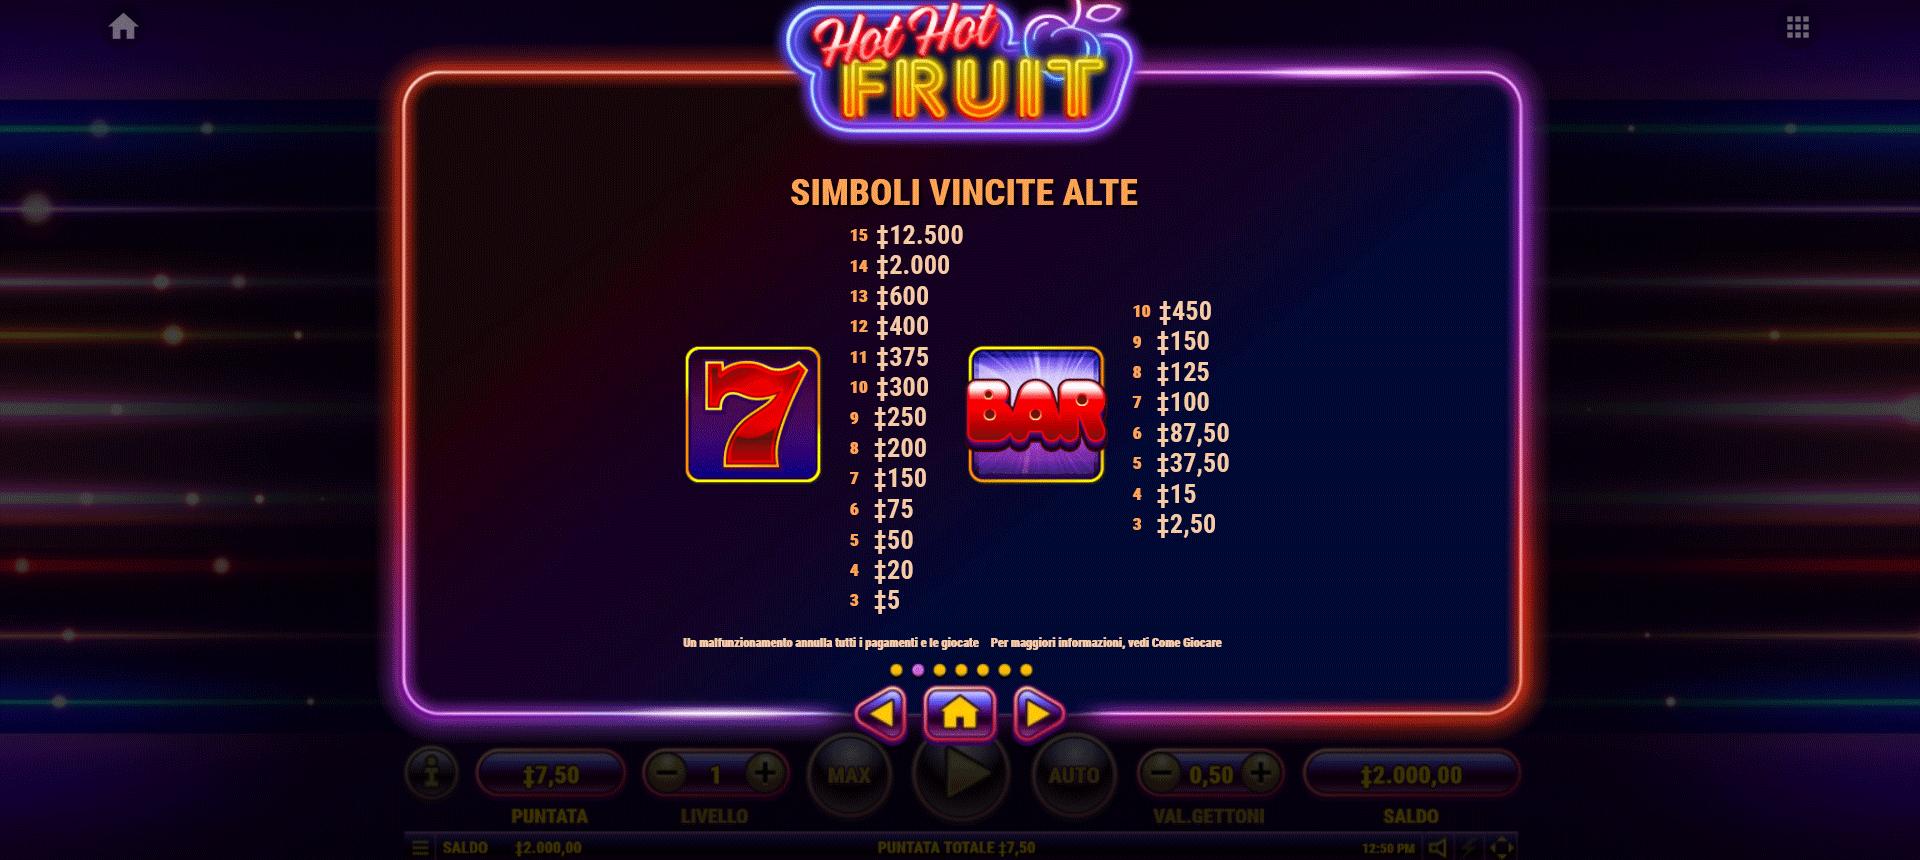 tabella dei pagamenti della slot machine hot hot fruit